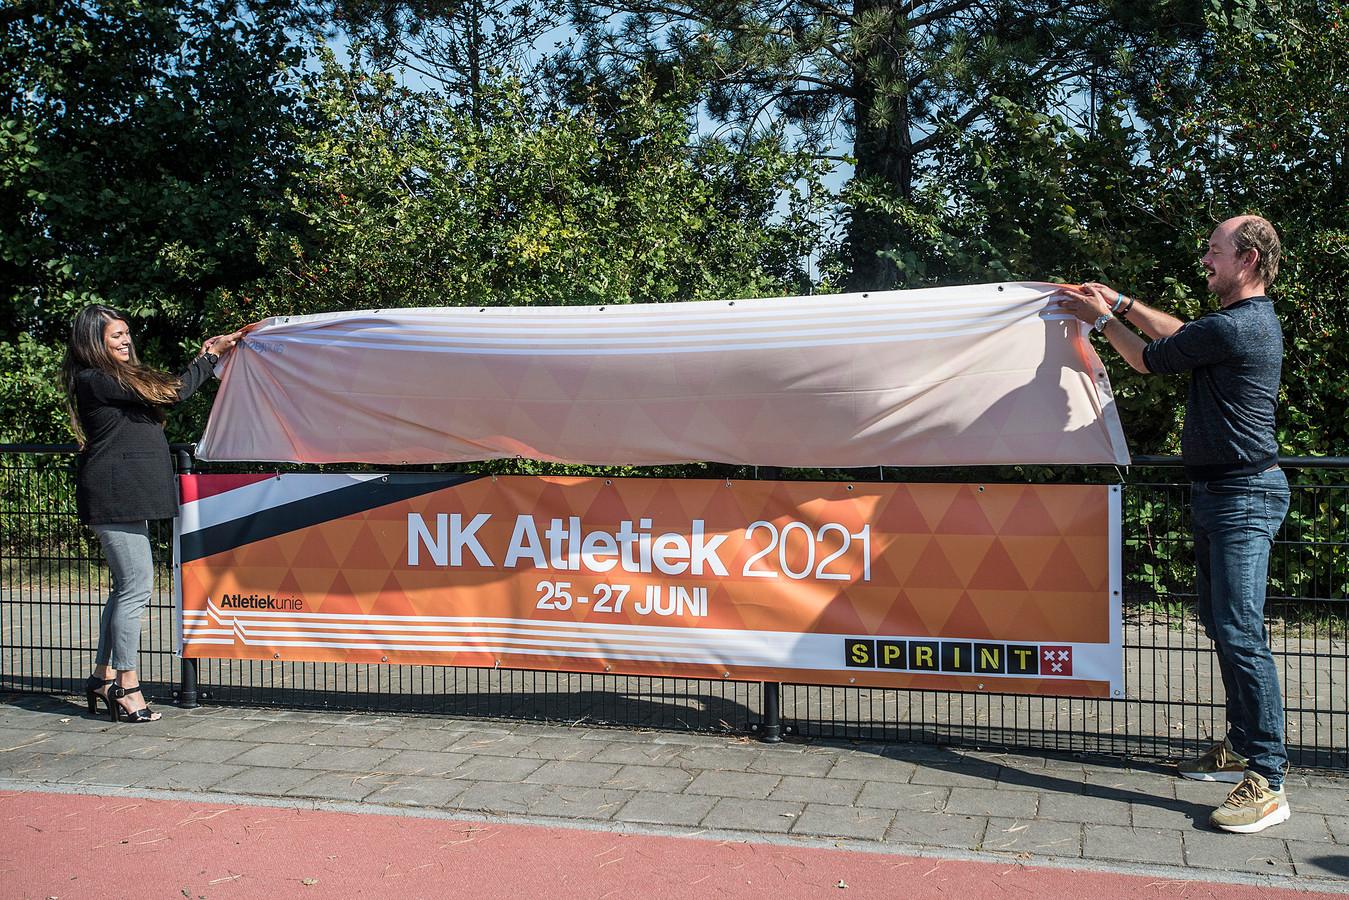 Voormalig atlete en bestuurslid van de Atletiekunie, Esther Akihary, en Daan Quaars (wethouder Sport) onthullen het topsportevenement dat in Breda plaats gaat vinden.